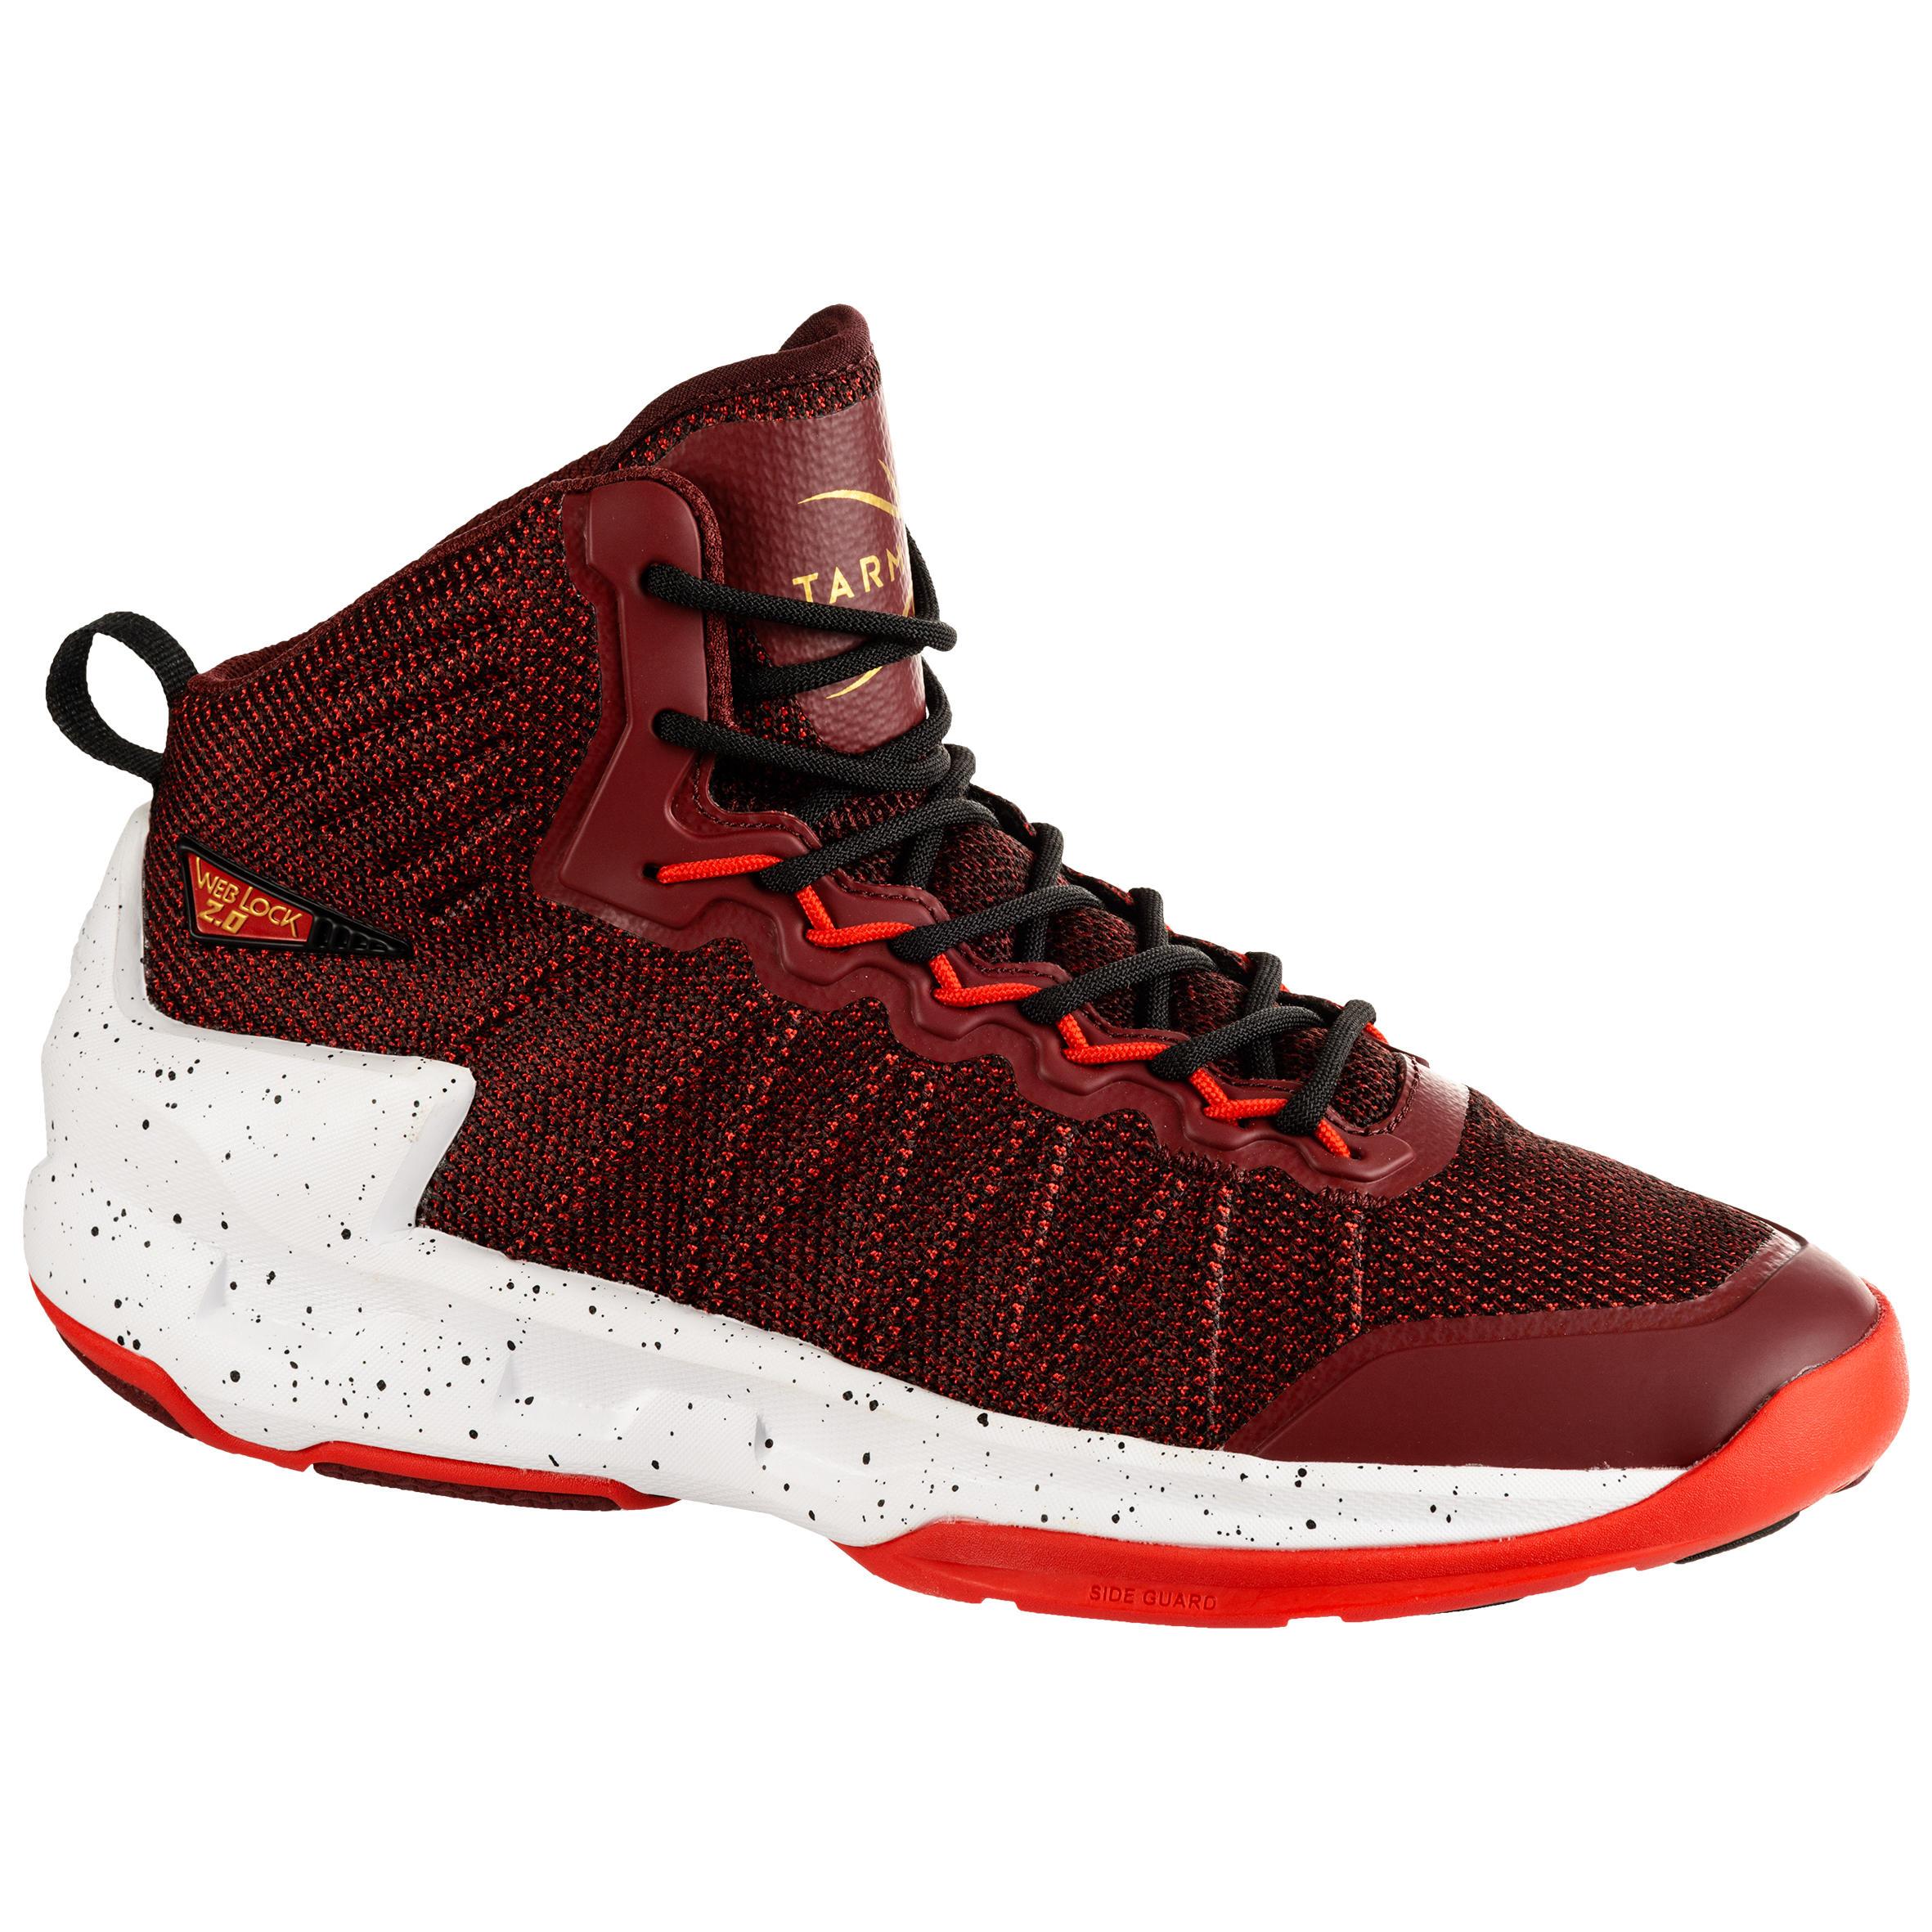 Adidas Rise Up 2 NBA K Basketball Shoes Junior: Amazon.co.uk